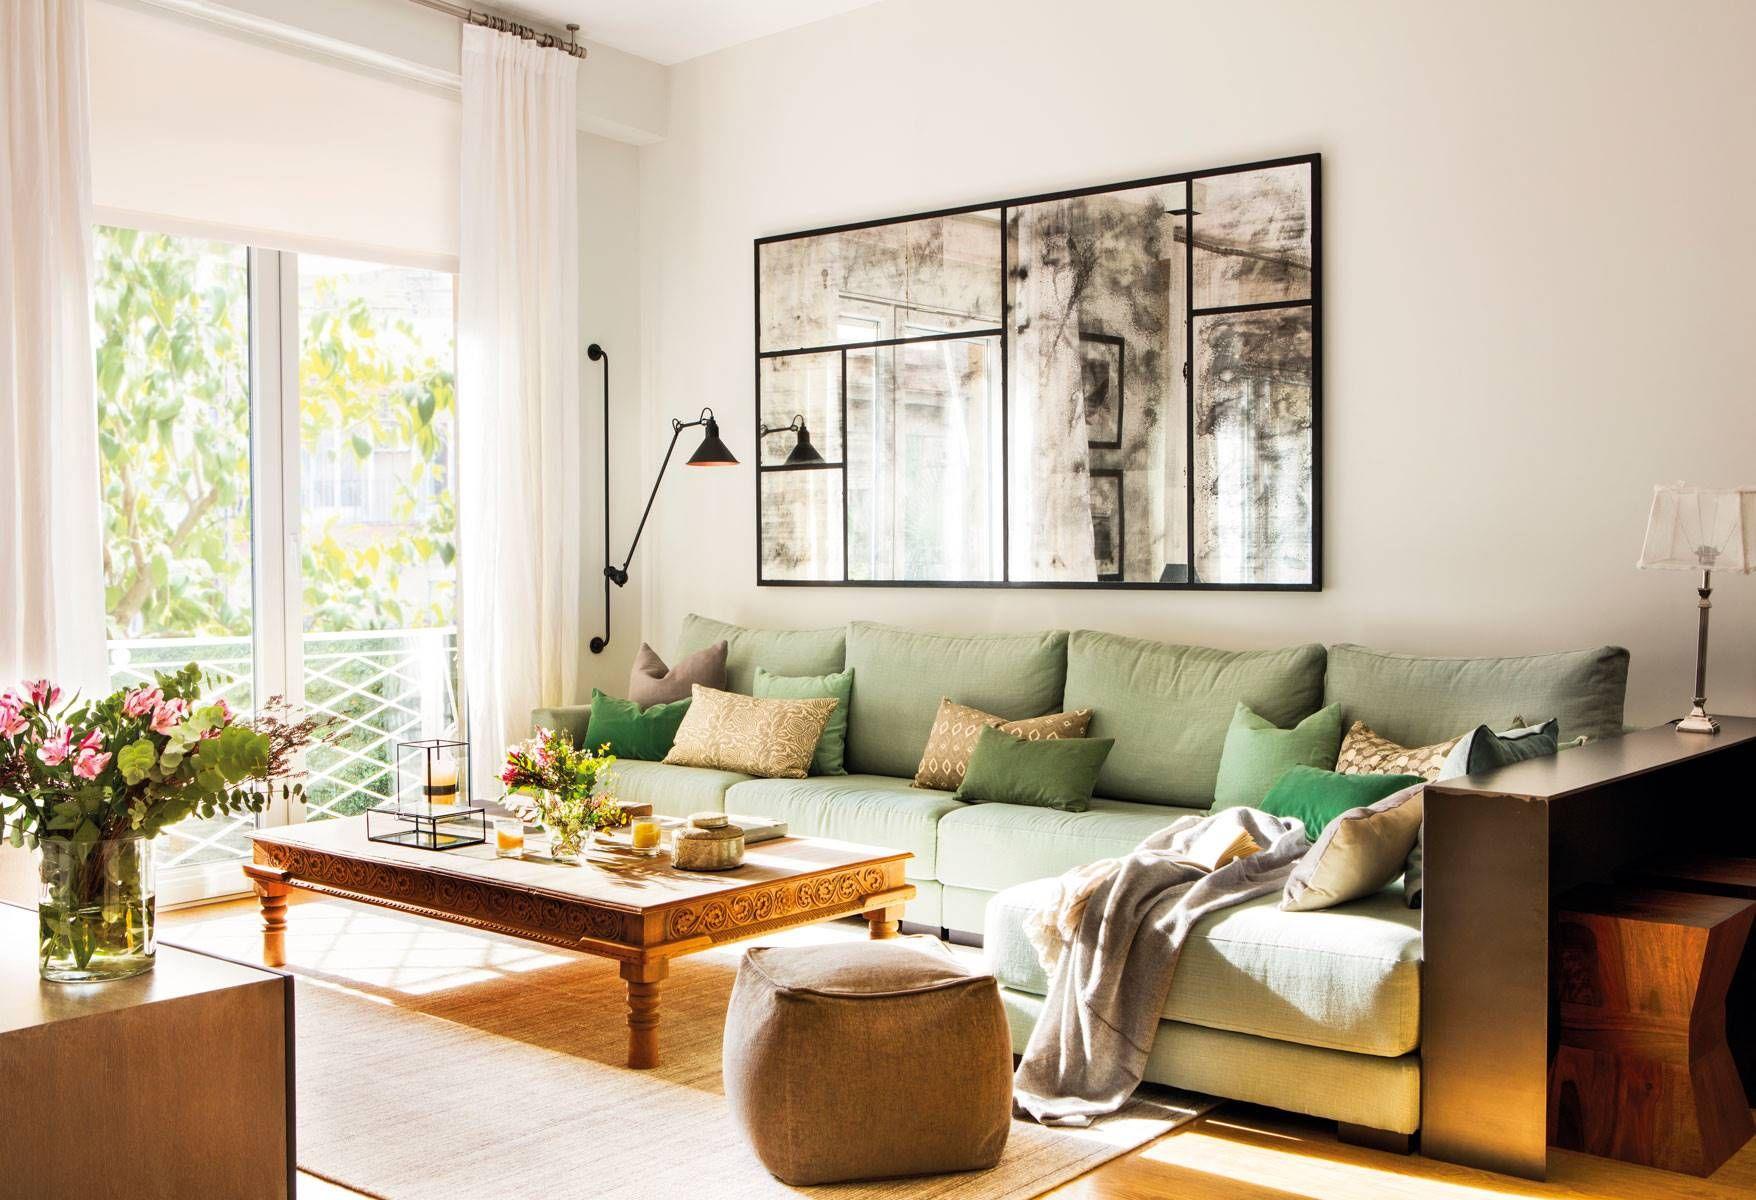 Sofá Con Mesa De Centro Alfombra Y Espejo Elmueble Espejos Decoración Decorar Salon Decoracion De Salas Decoraciones De Casa